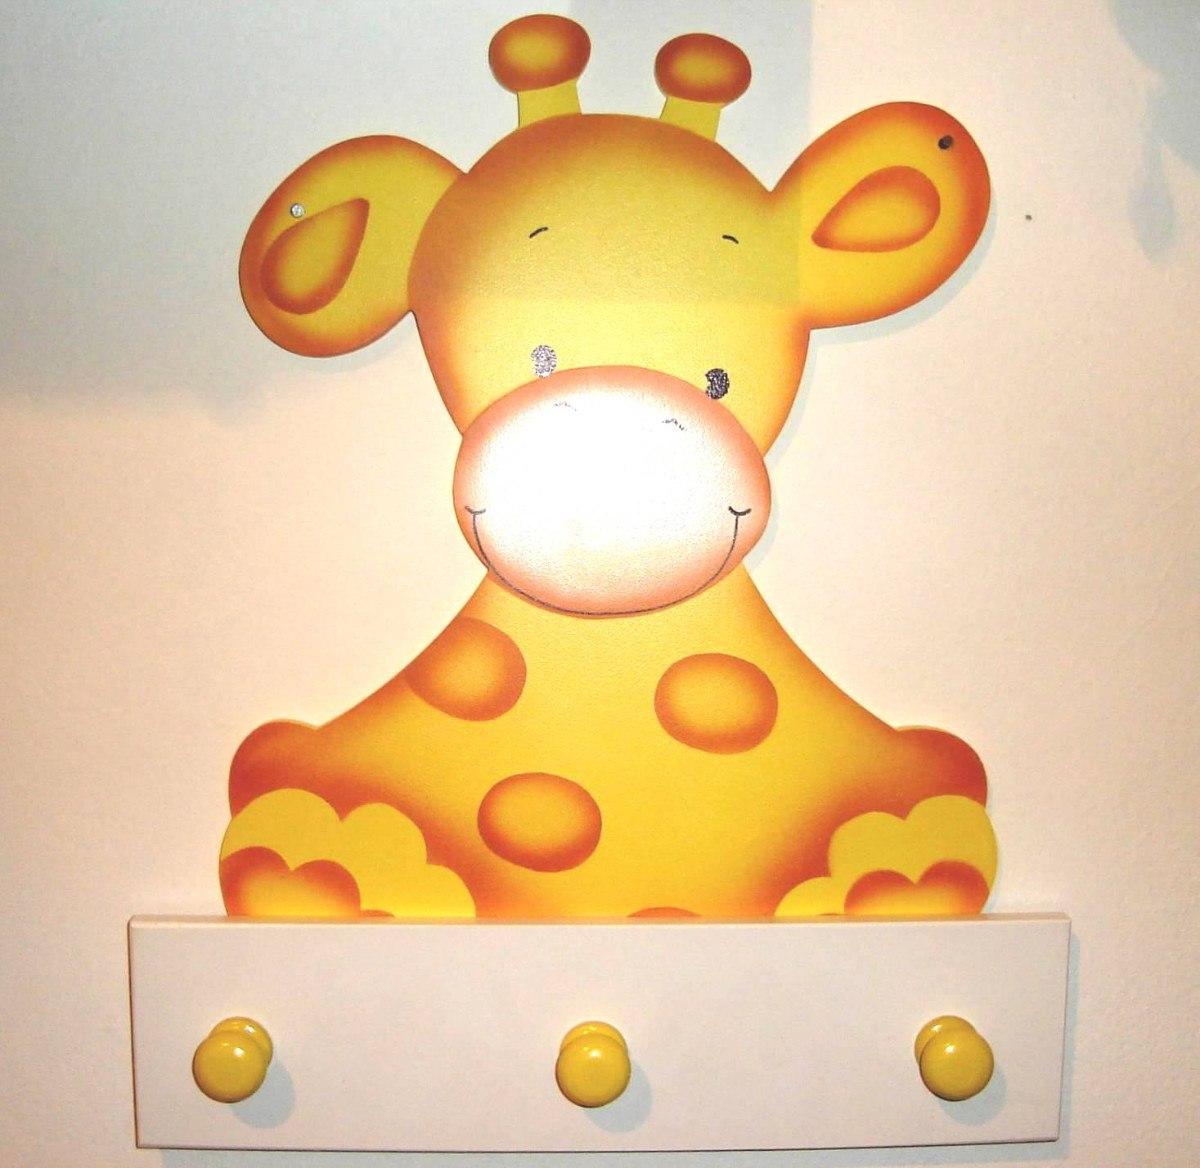 Imagenes de lenceria para bebes imagui - Dibujos para paredes de bebes ...